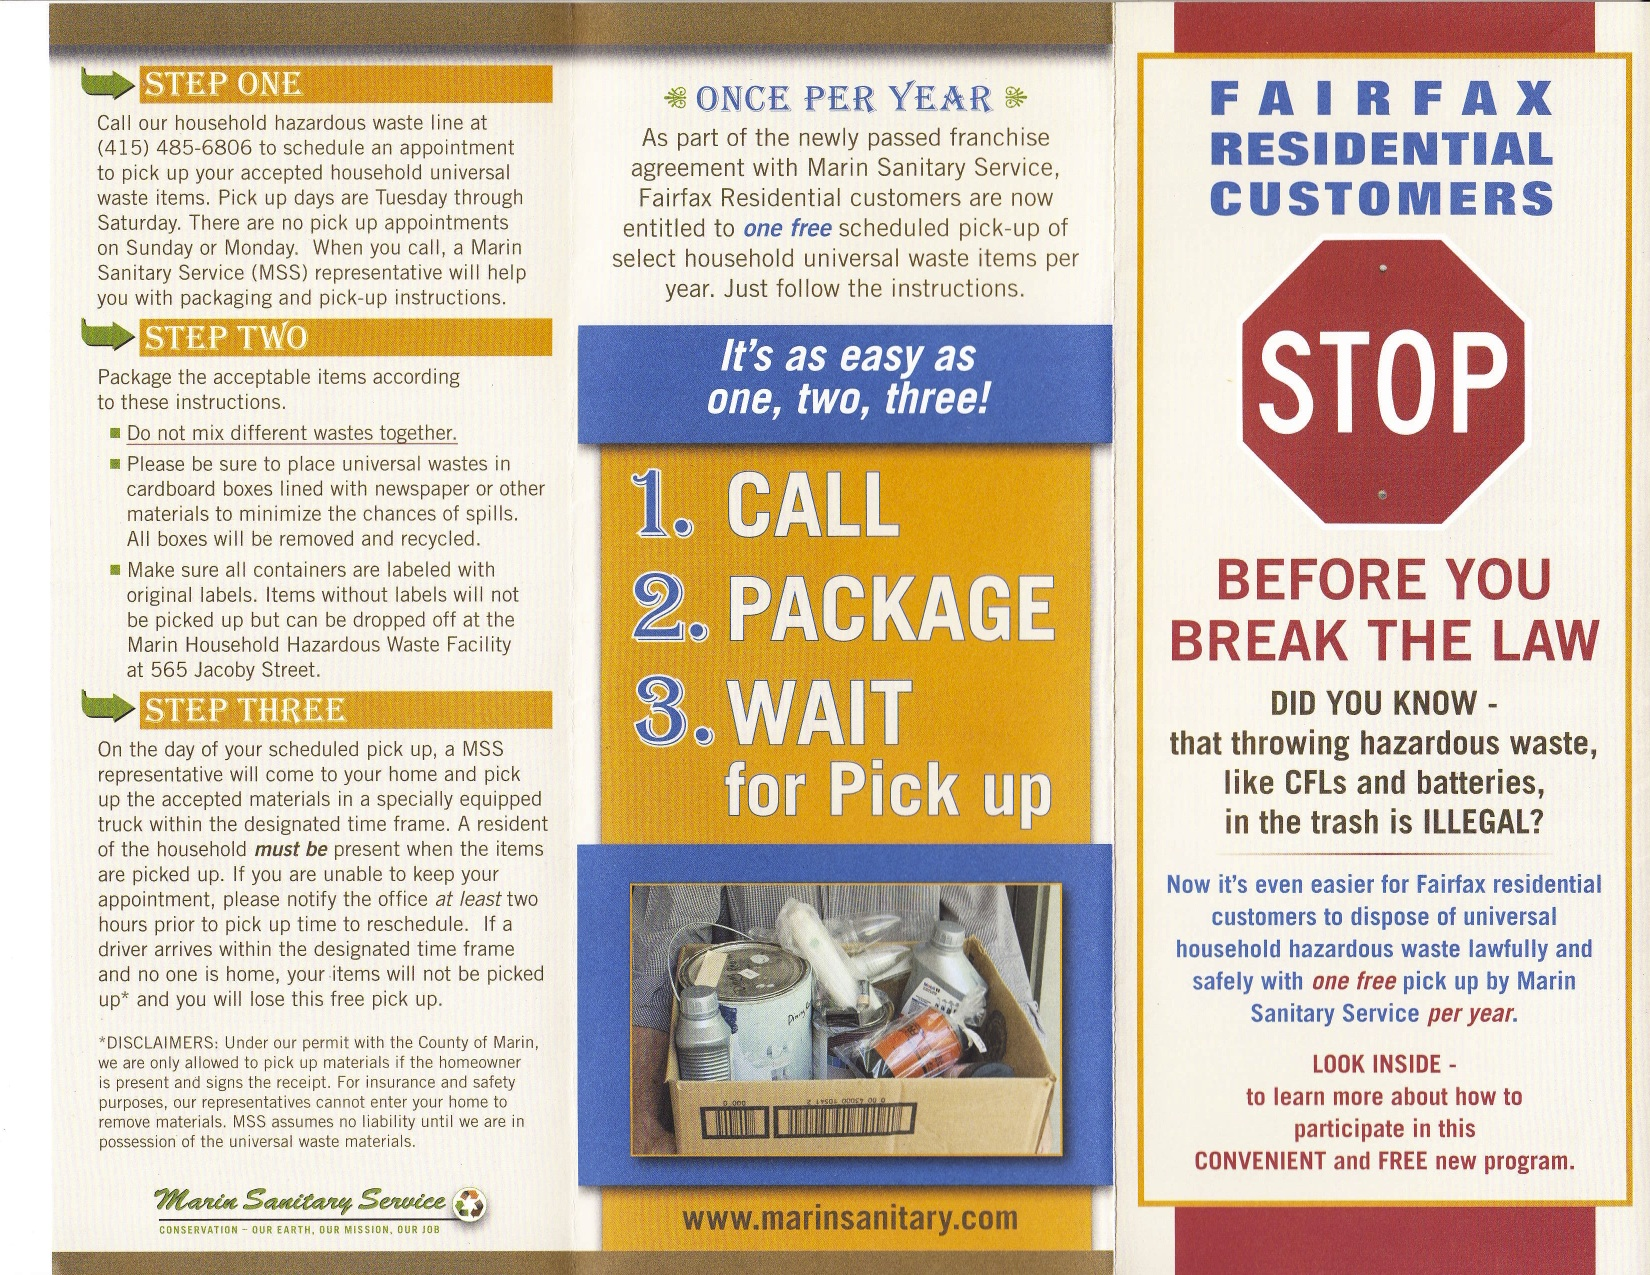 Fairfax Hazardous Waste Pickup